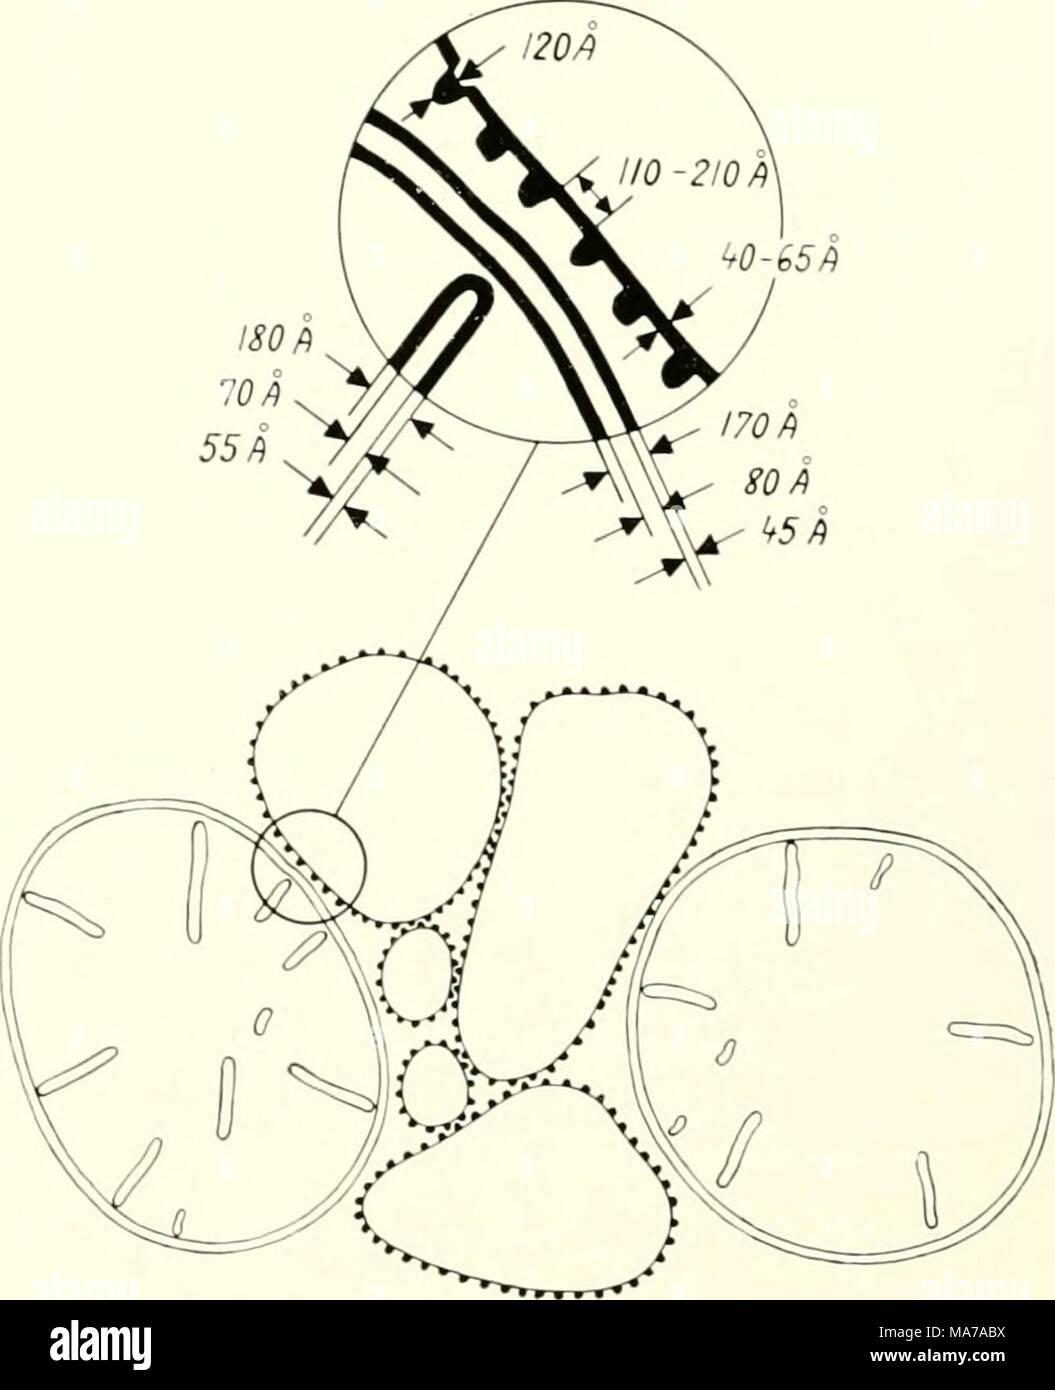 Ziemlich schematische zeichnungen elektrisch fotos elektrische